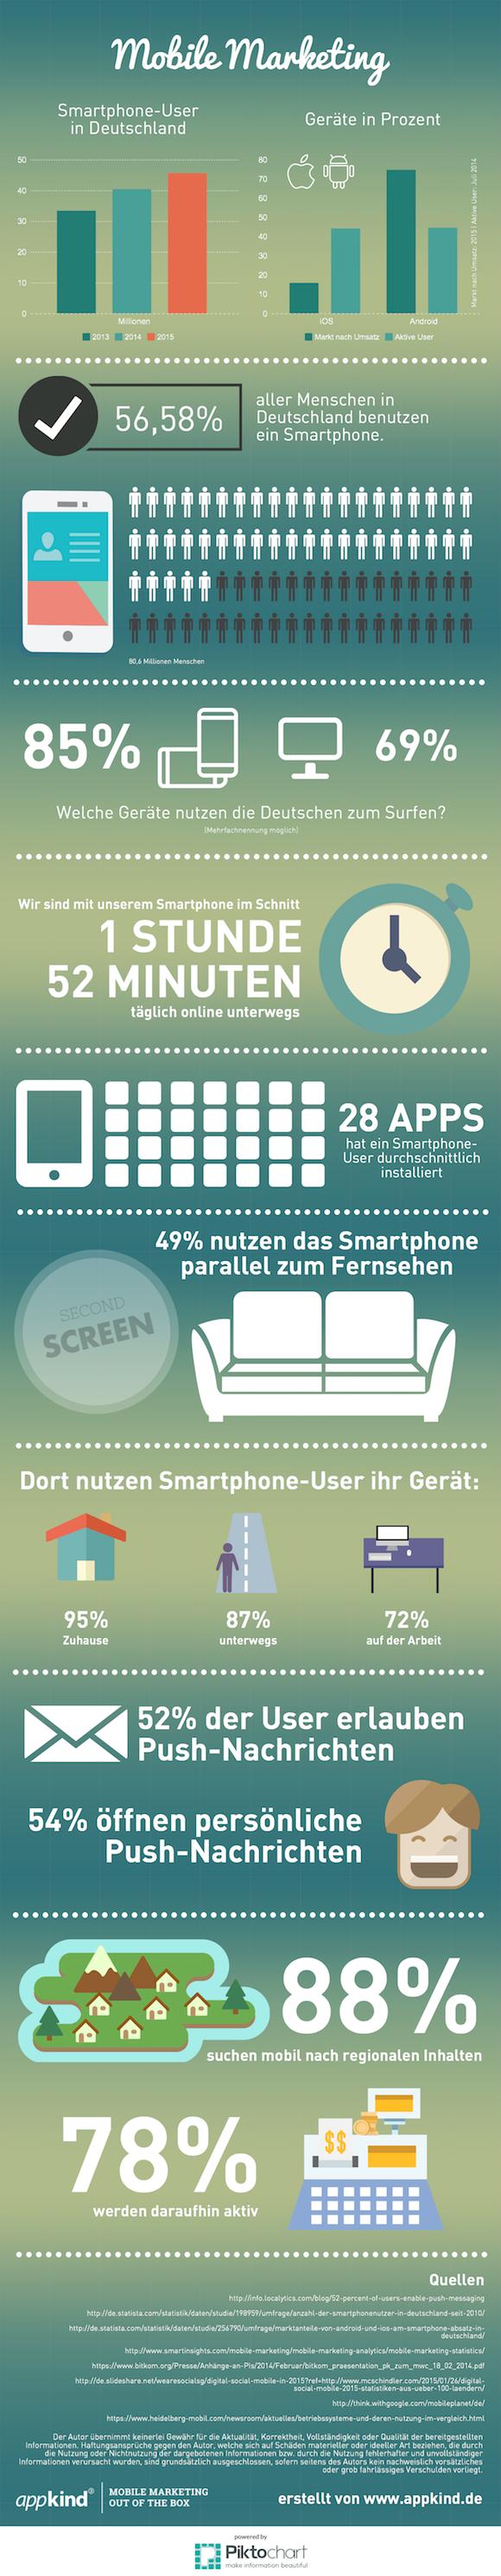 infografik_appkind-2